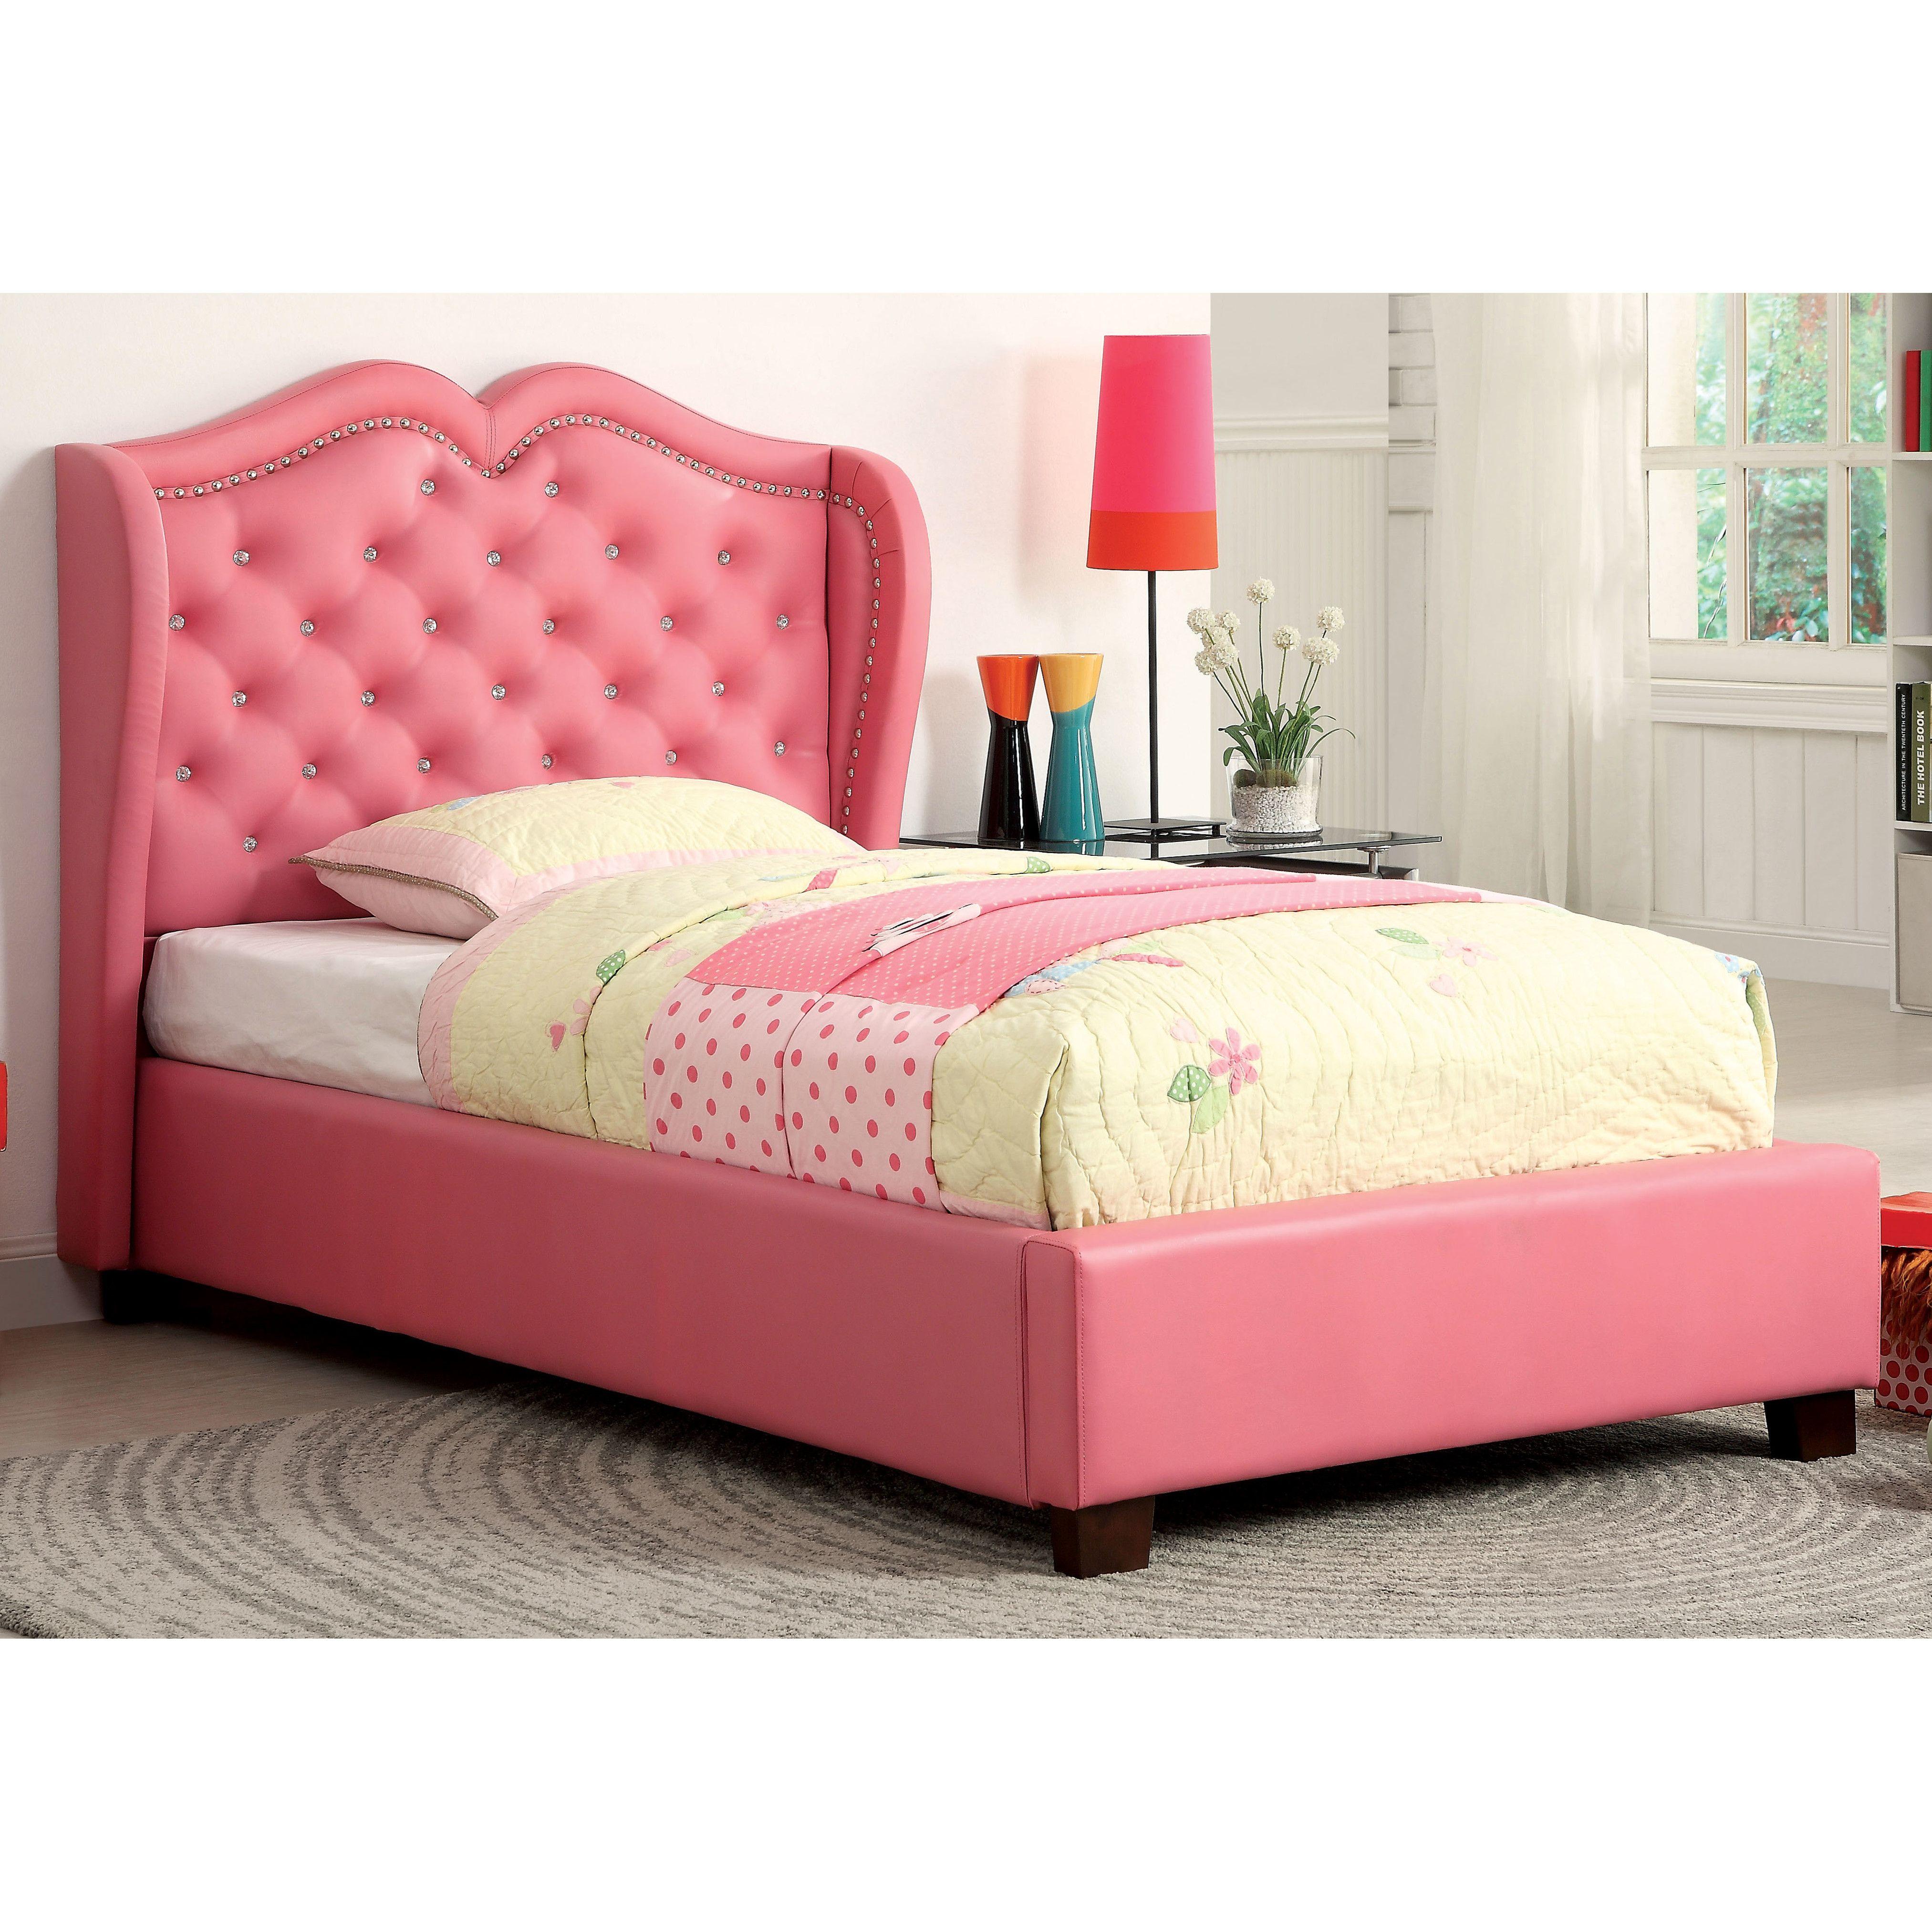 Vanitas Tufted Upholstered Platform Bed Leather Upholstered Bed